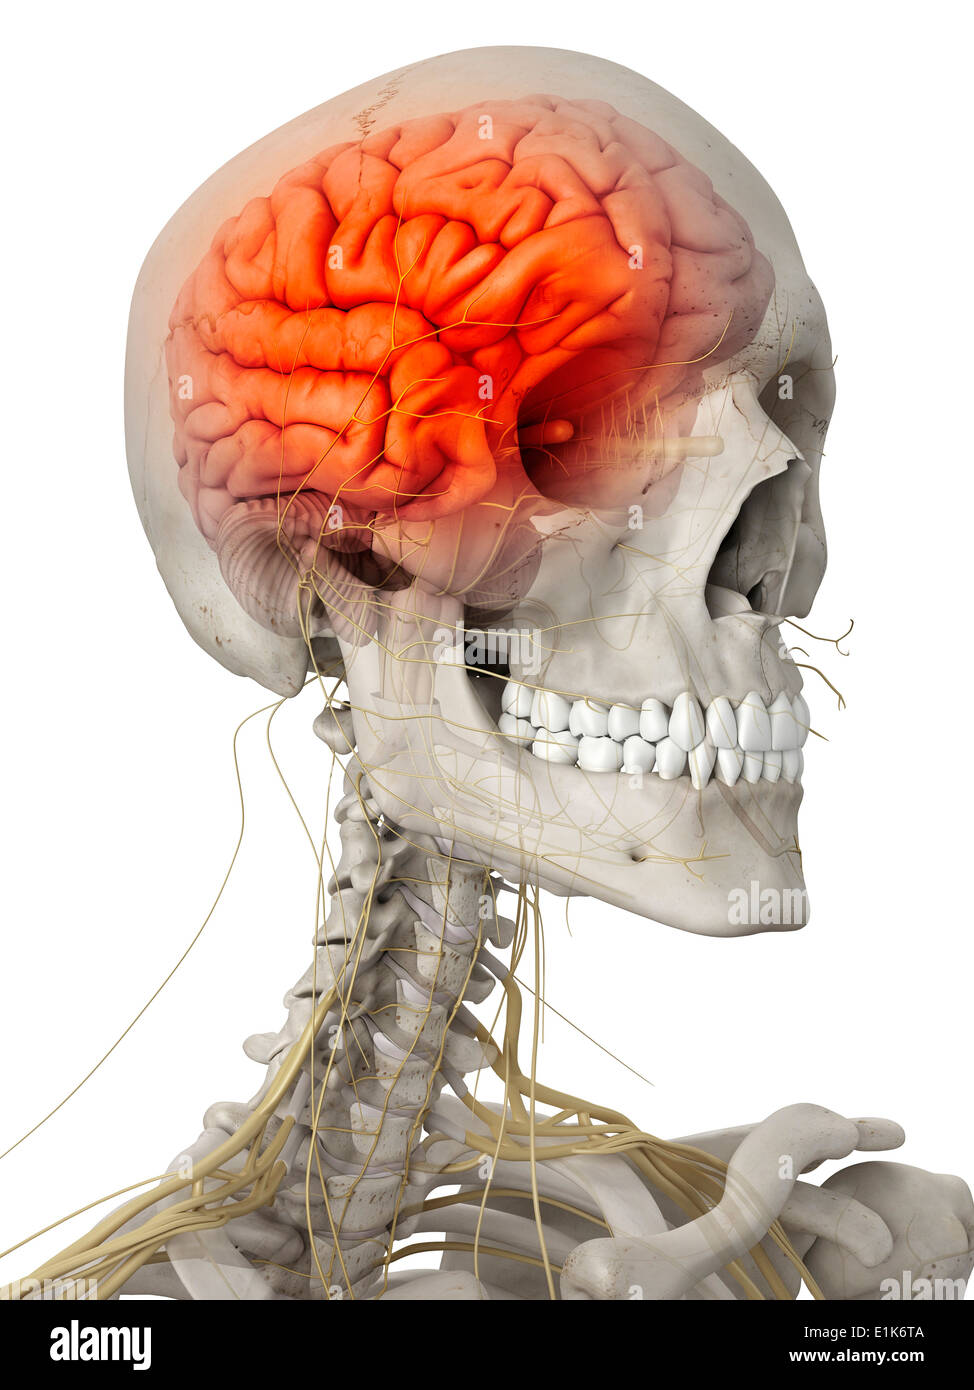 Cerveau humain et les nerfs de la tête d'art de l'ordinateur. Photo Stock